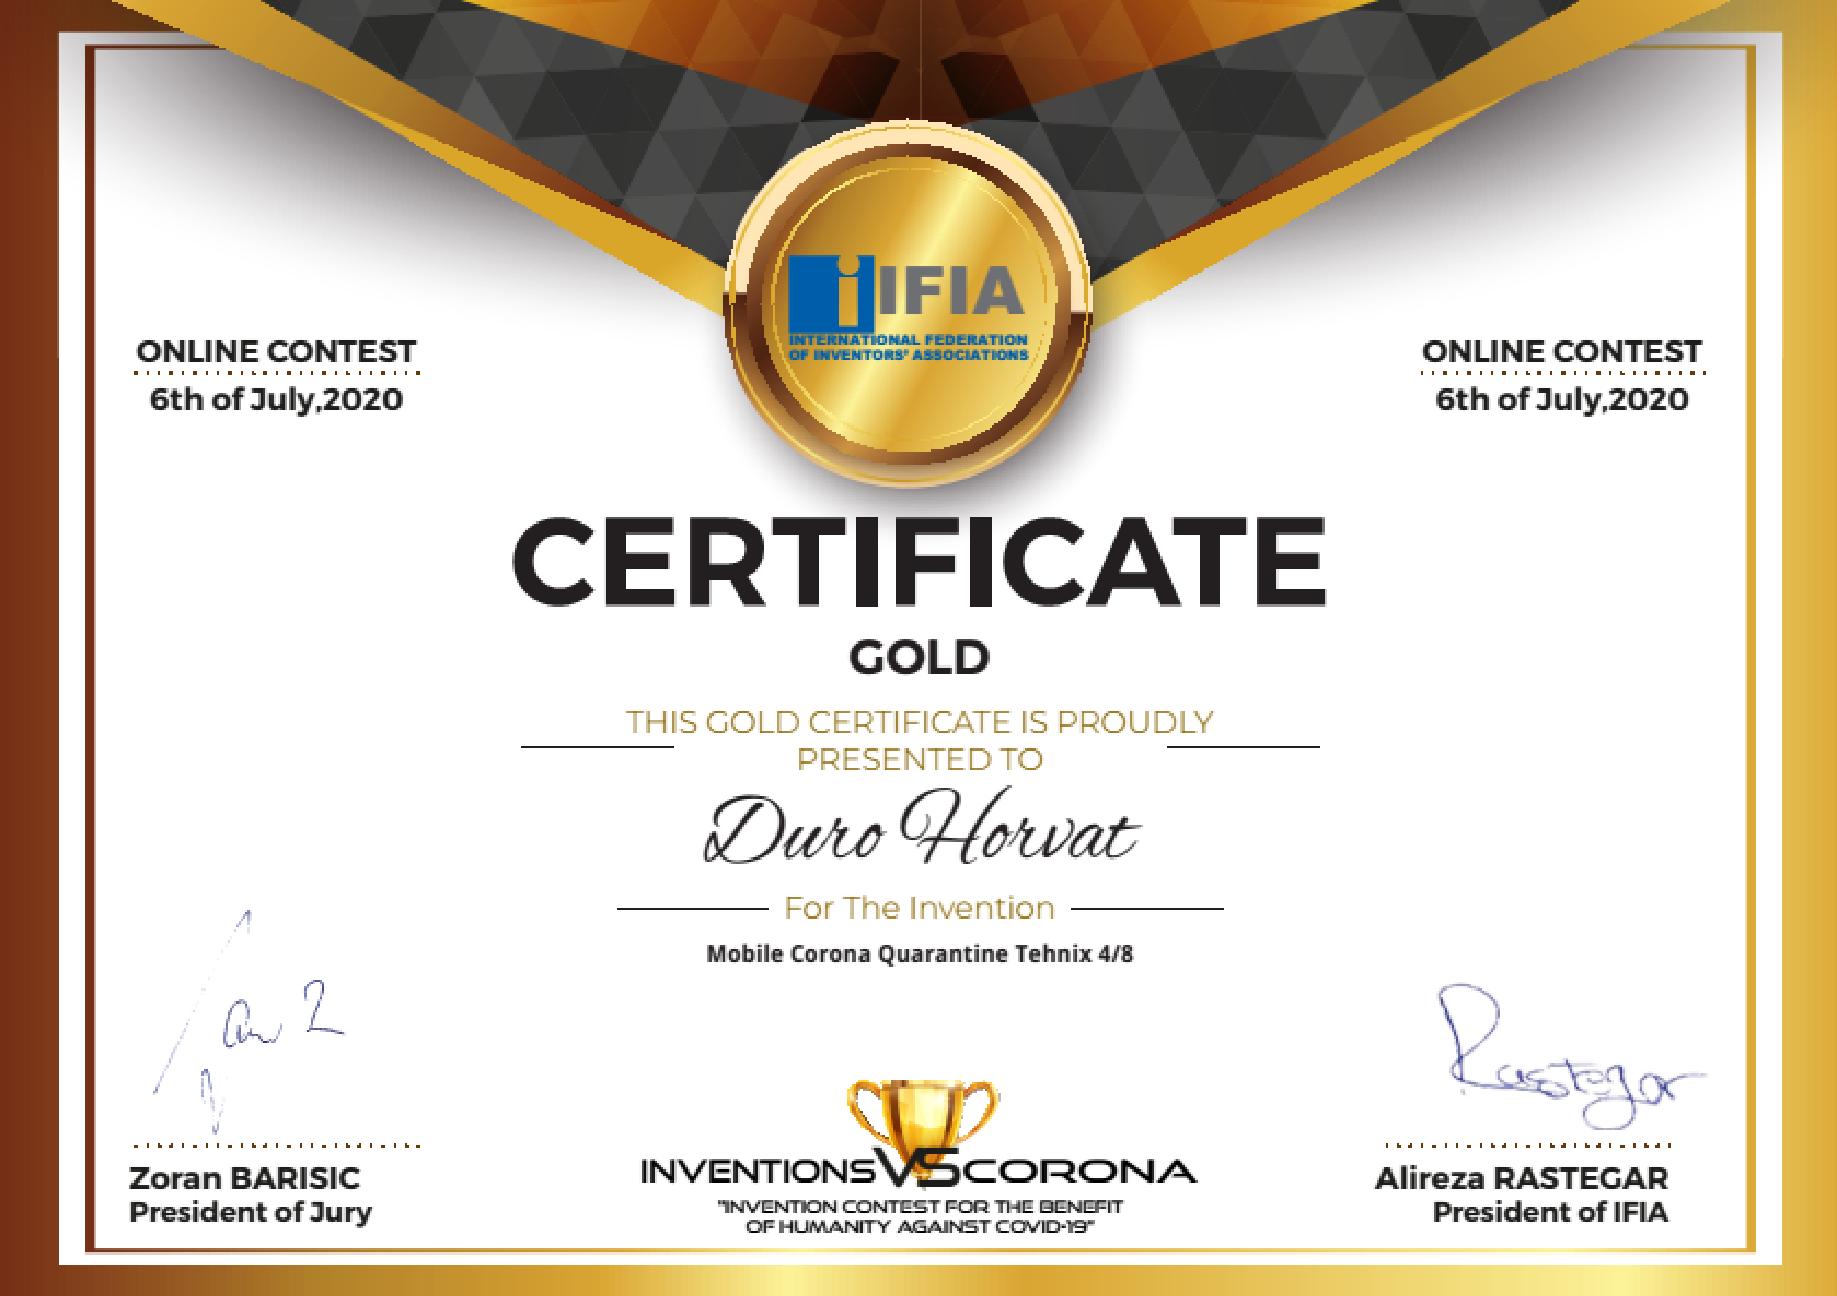 IFIA Award